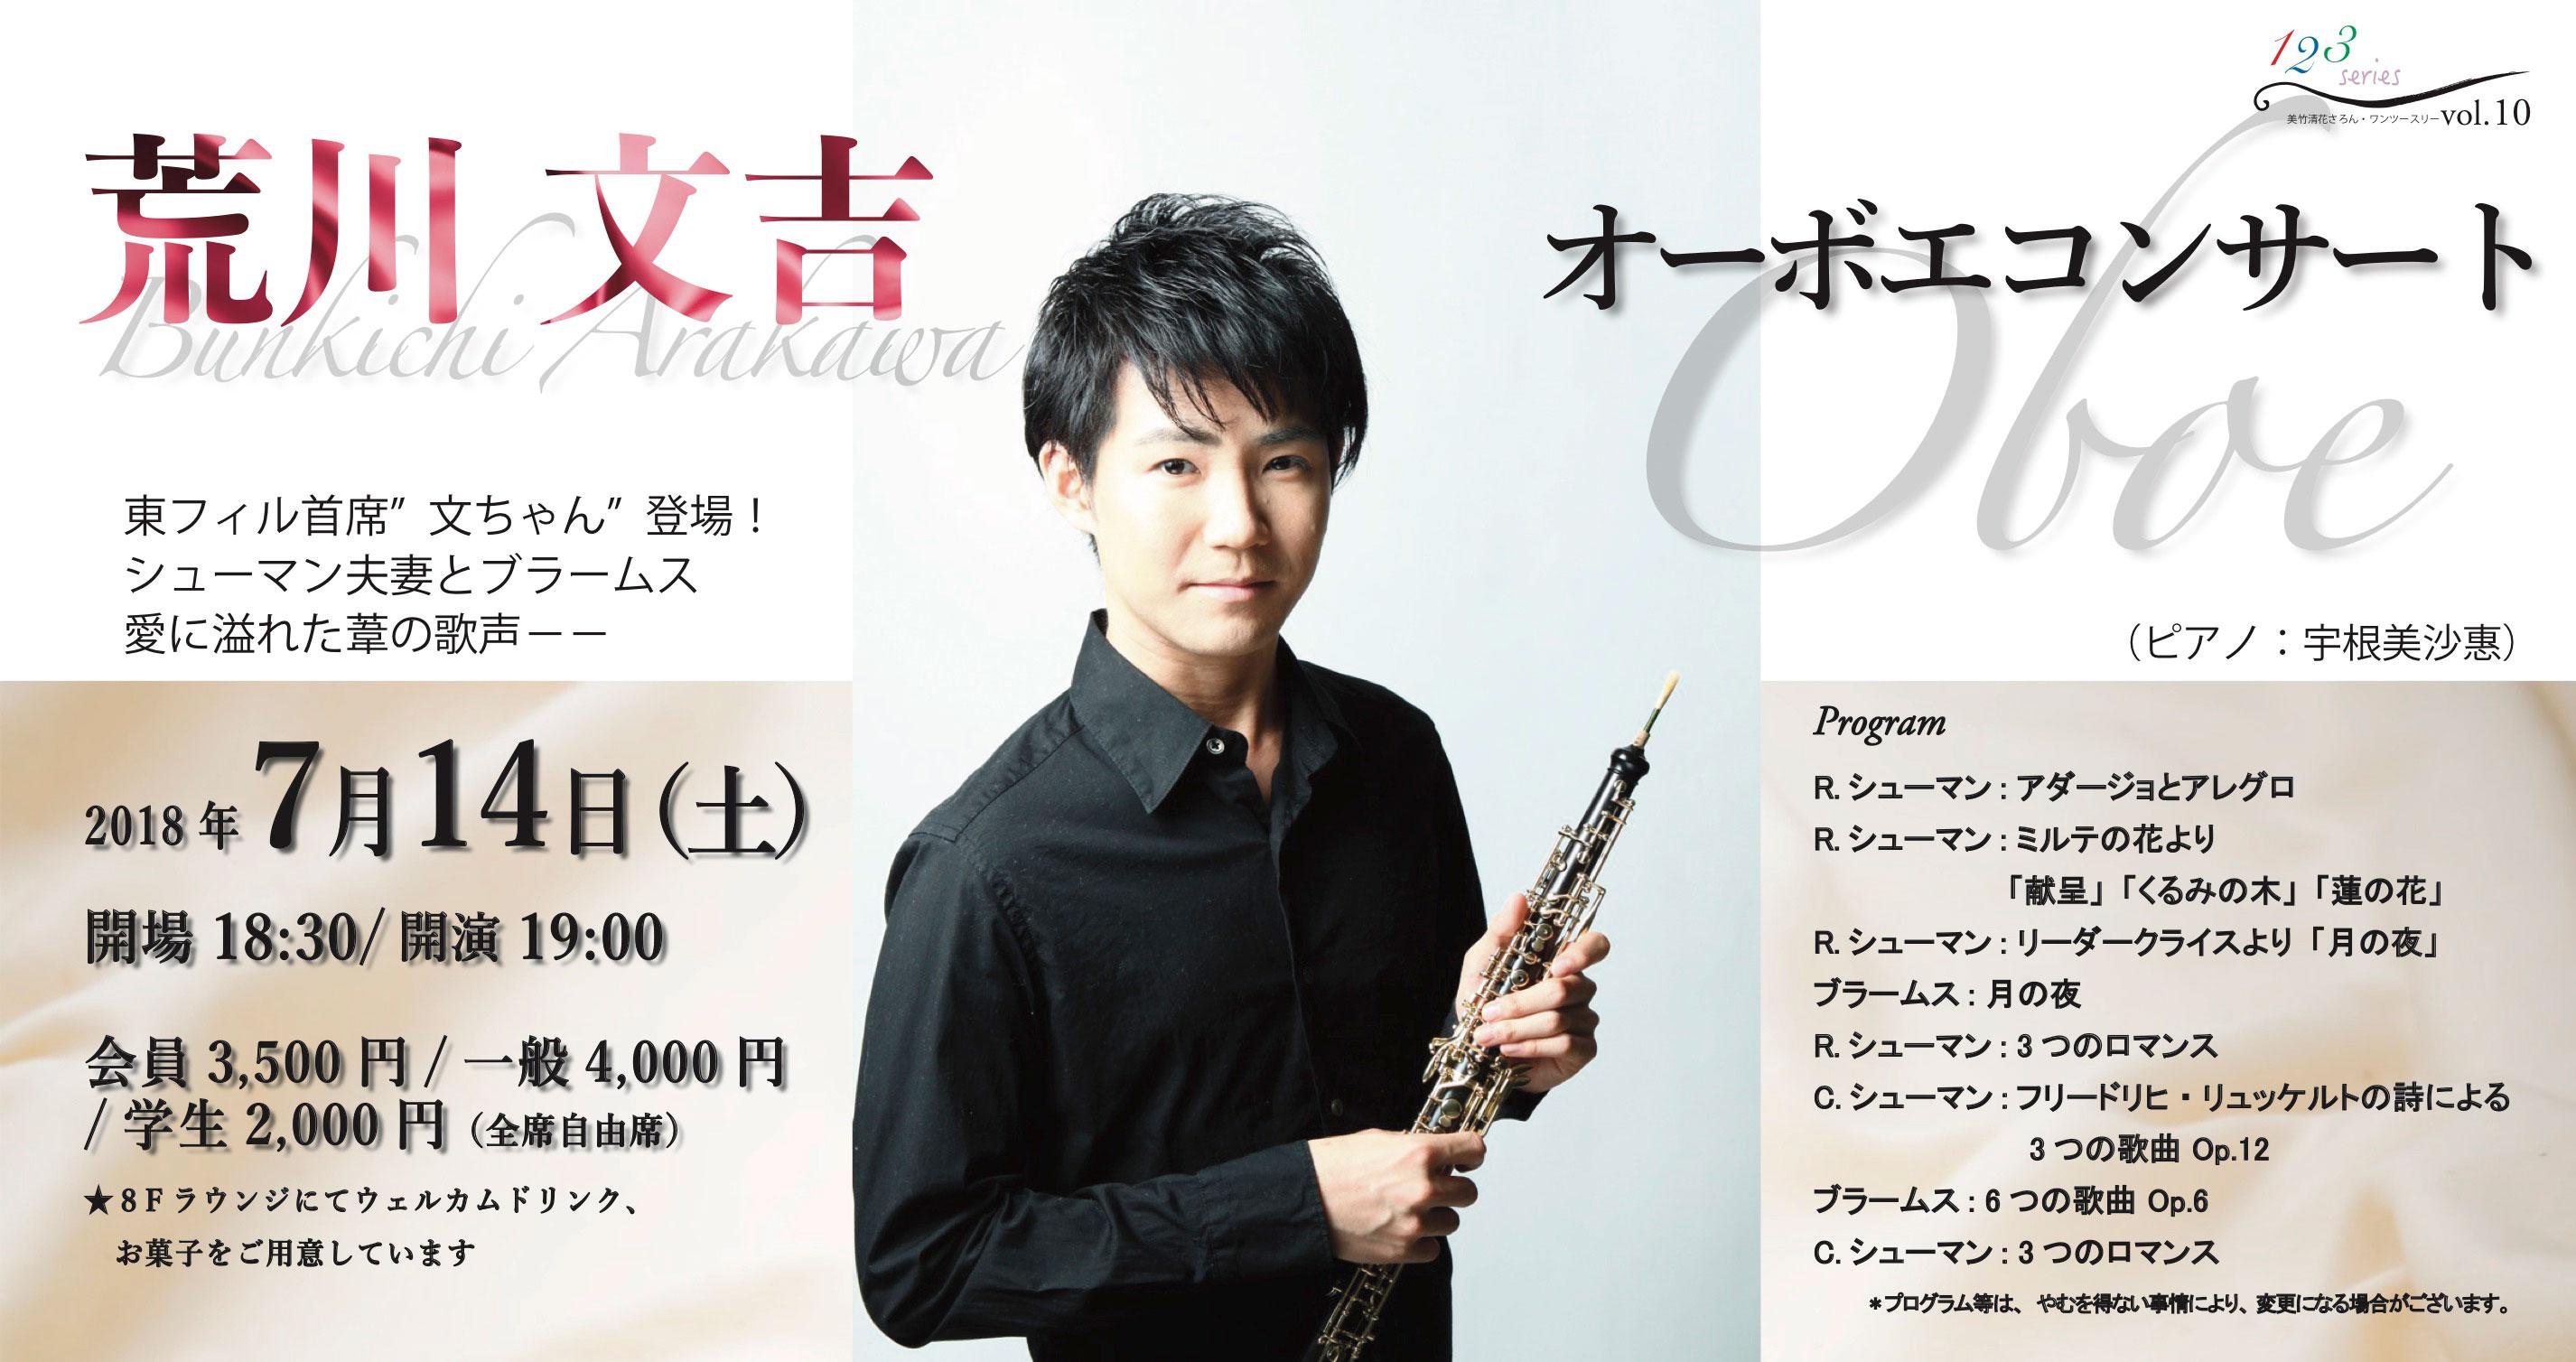 【完売】7月14日19:00~ 荒川文吉オーボエコンサート(ピアノ:宇根 美沙惠)